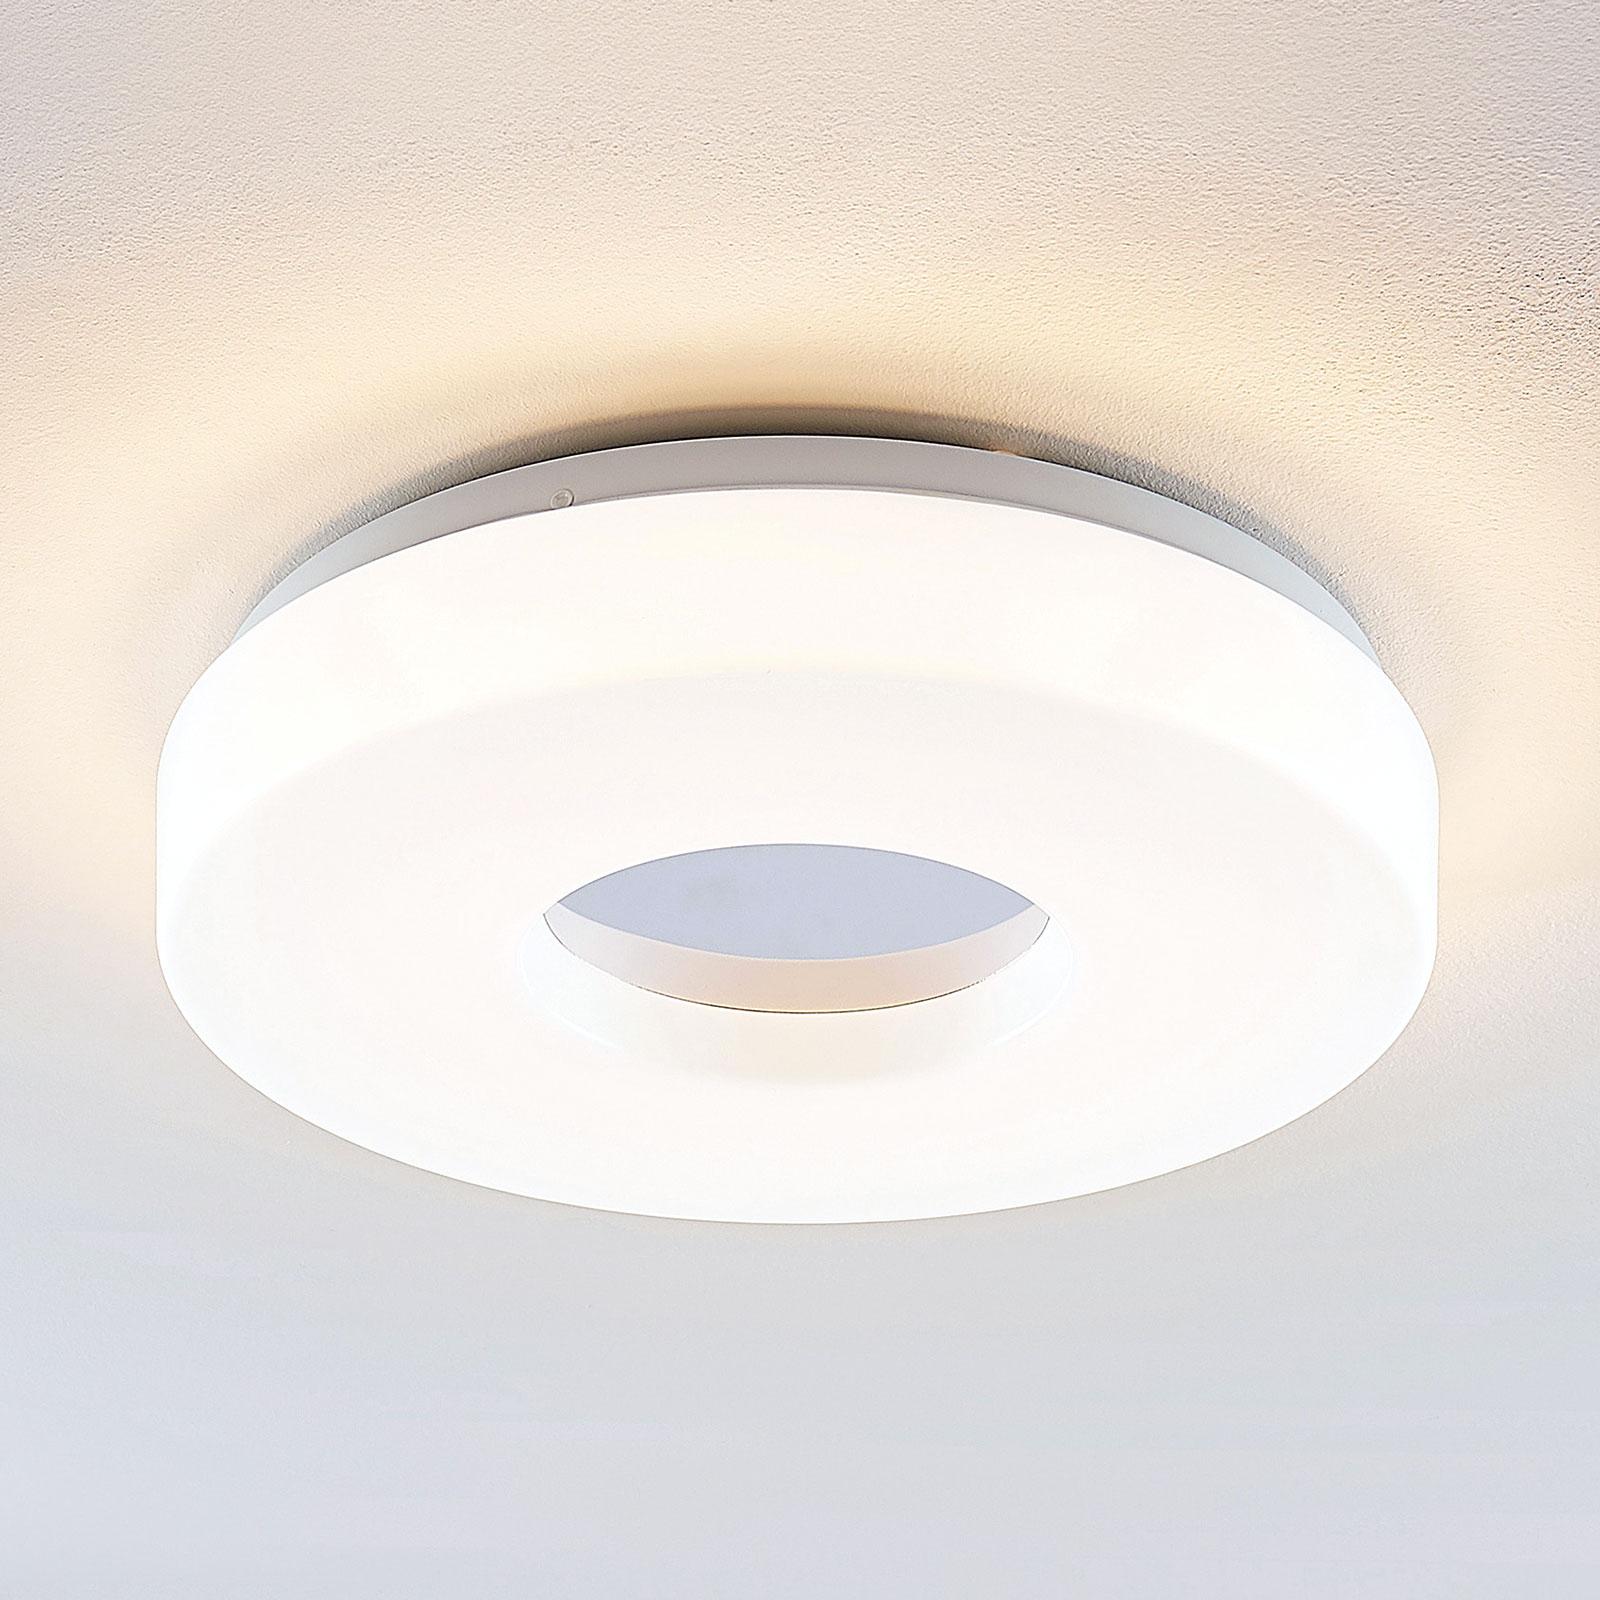 Lindby Florentina LED-kattolamppu, rengas, 34,5 cm